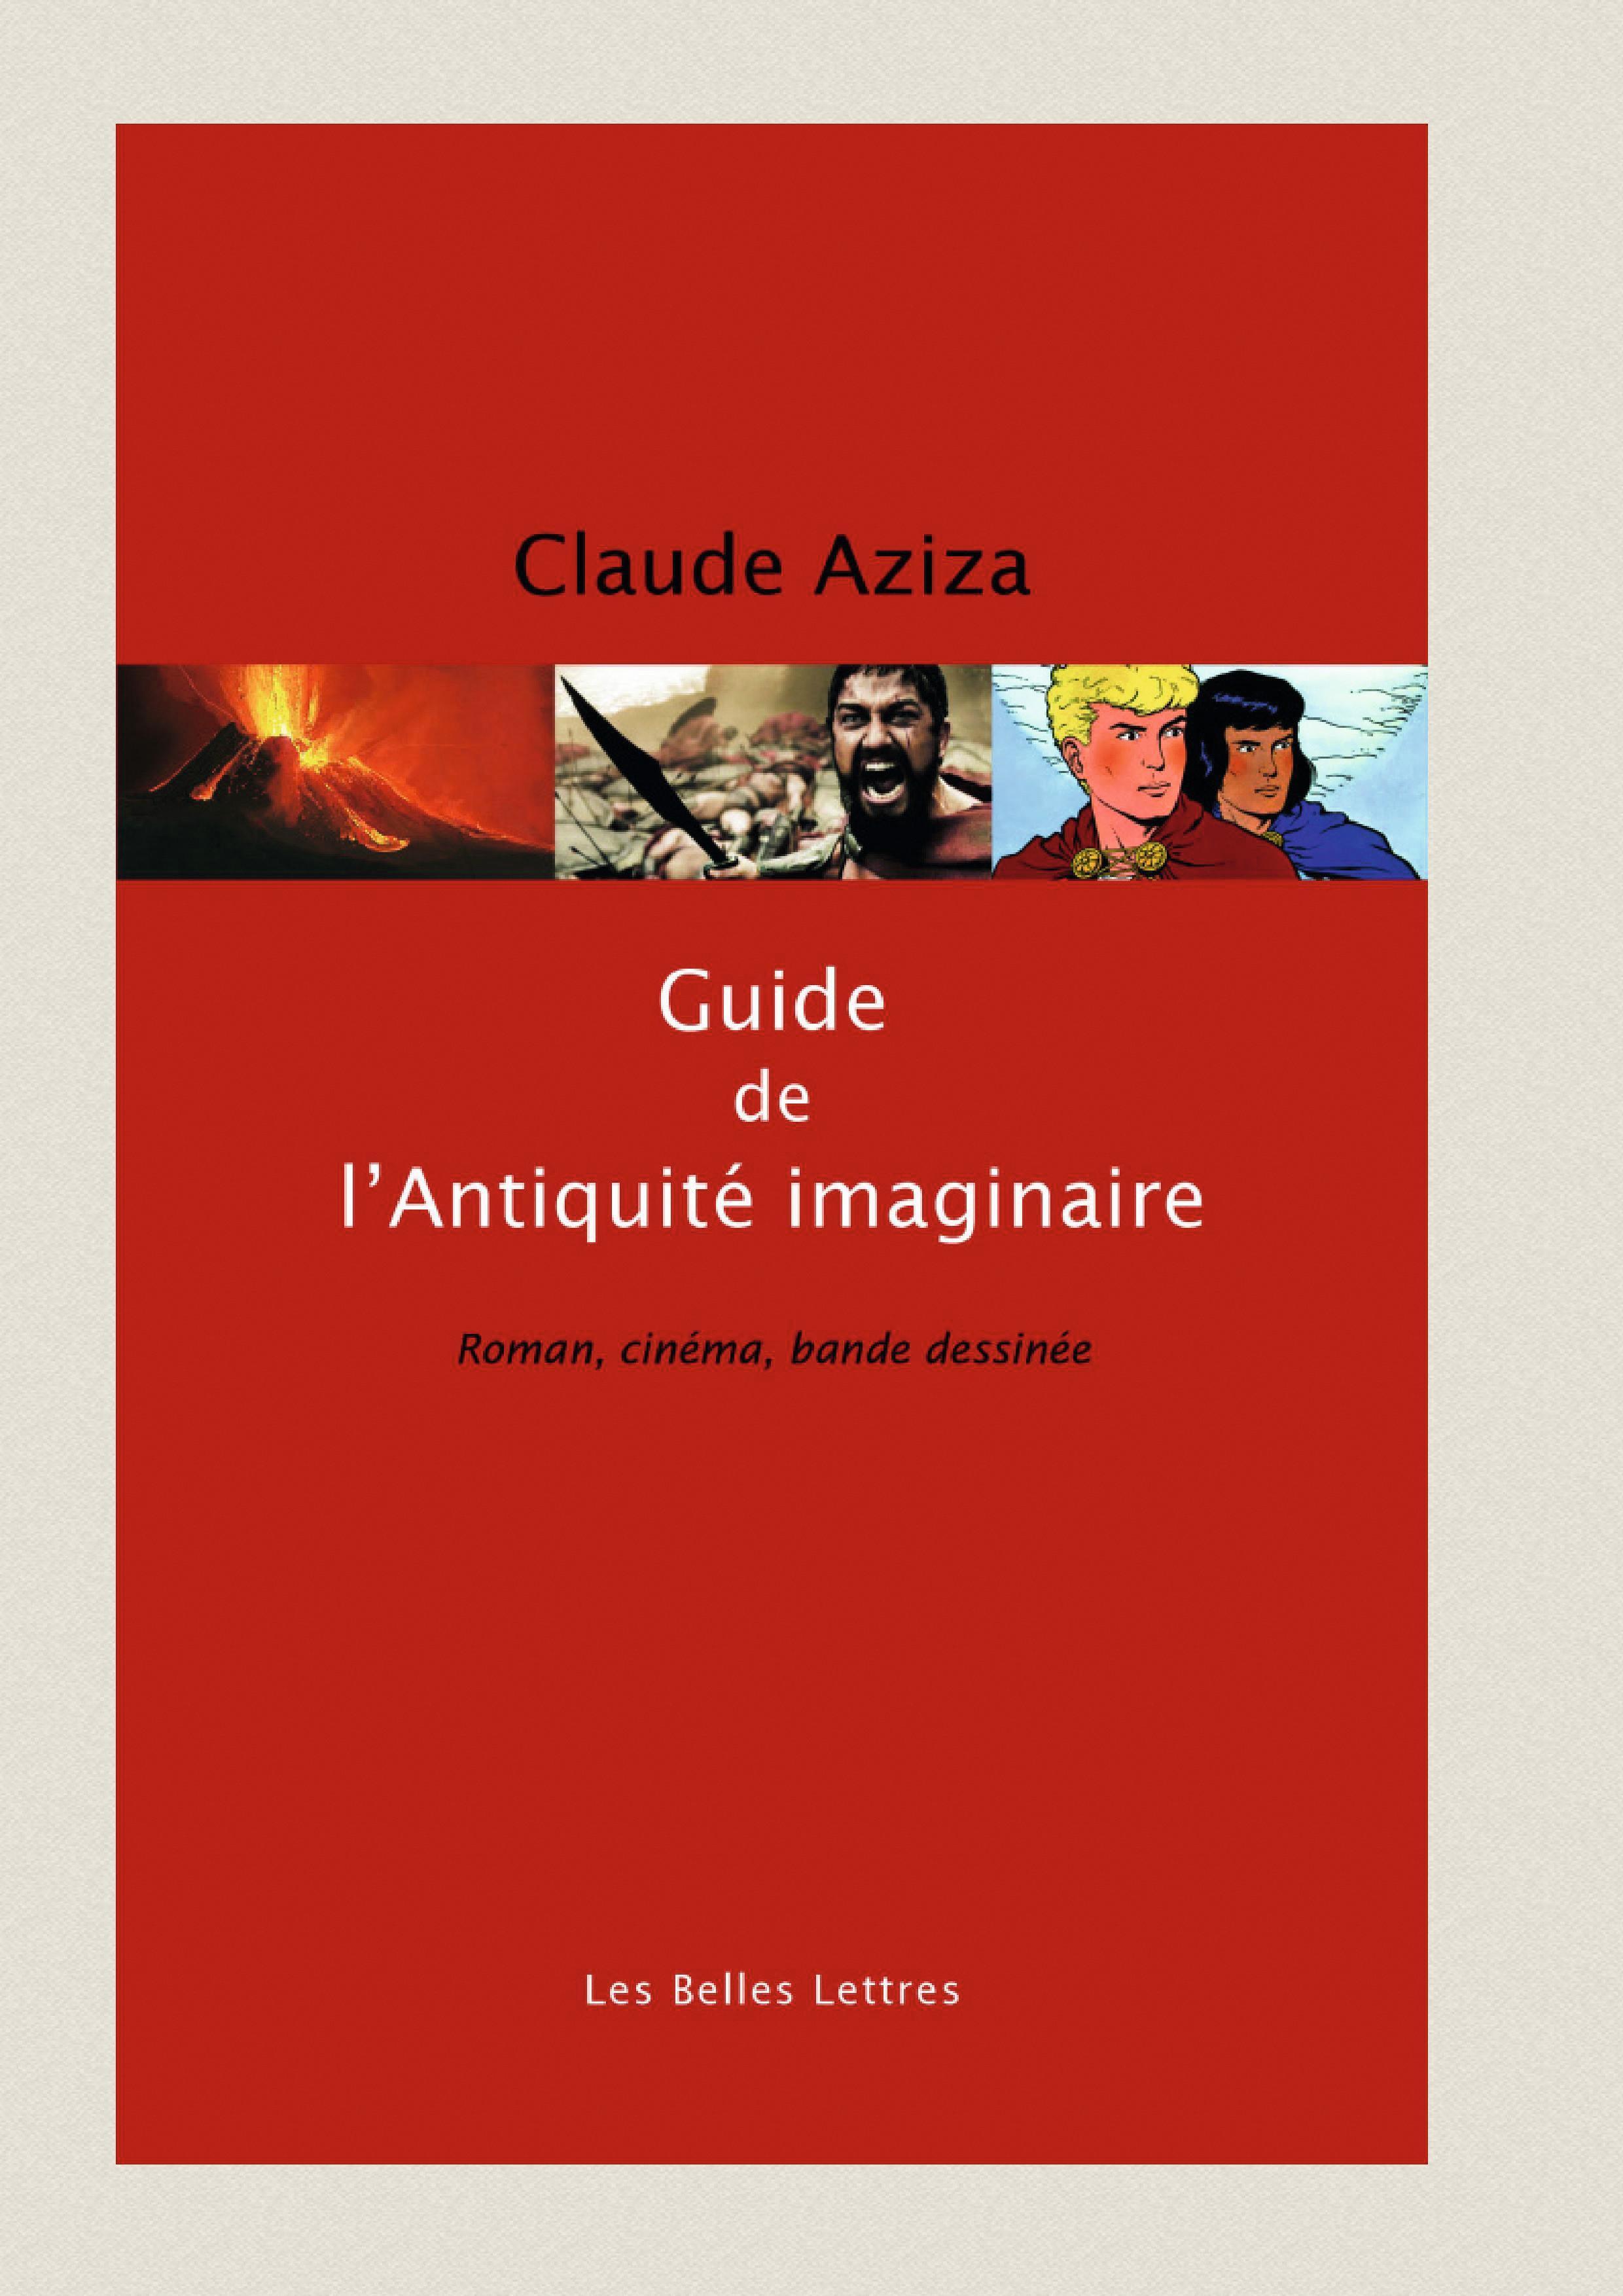 Claude Aziza, Guide de l'Antiquité imaginaire, Belles Lettres, 2016